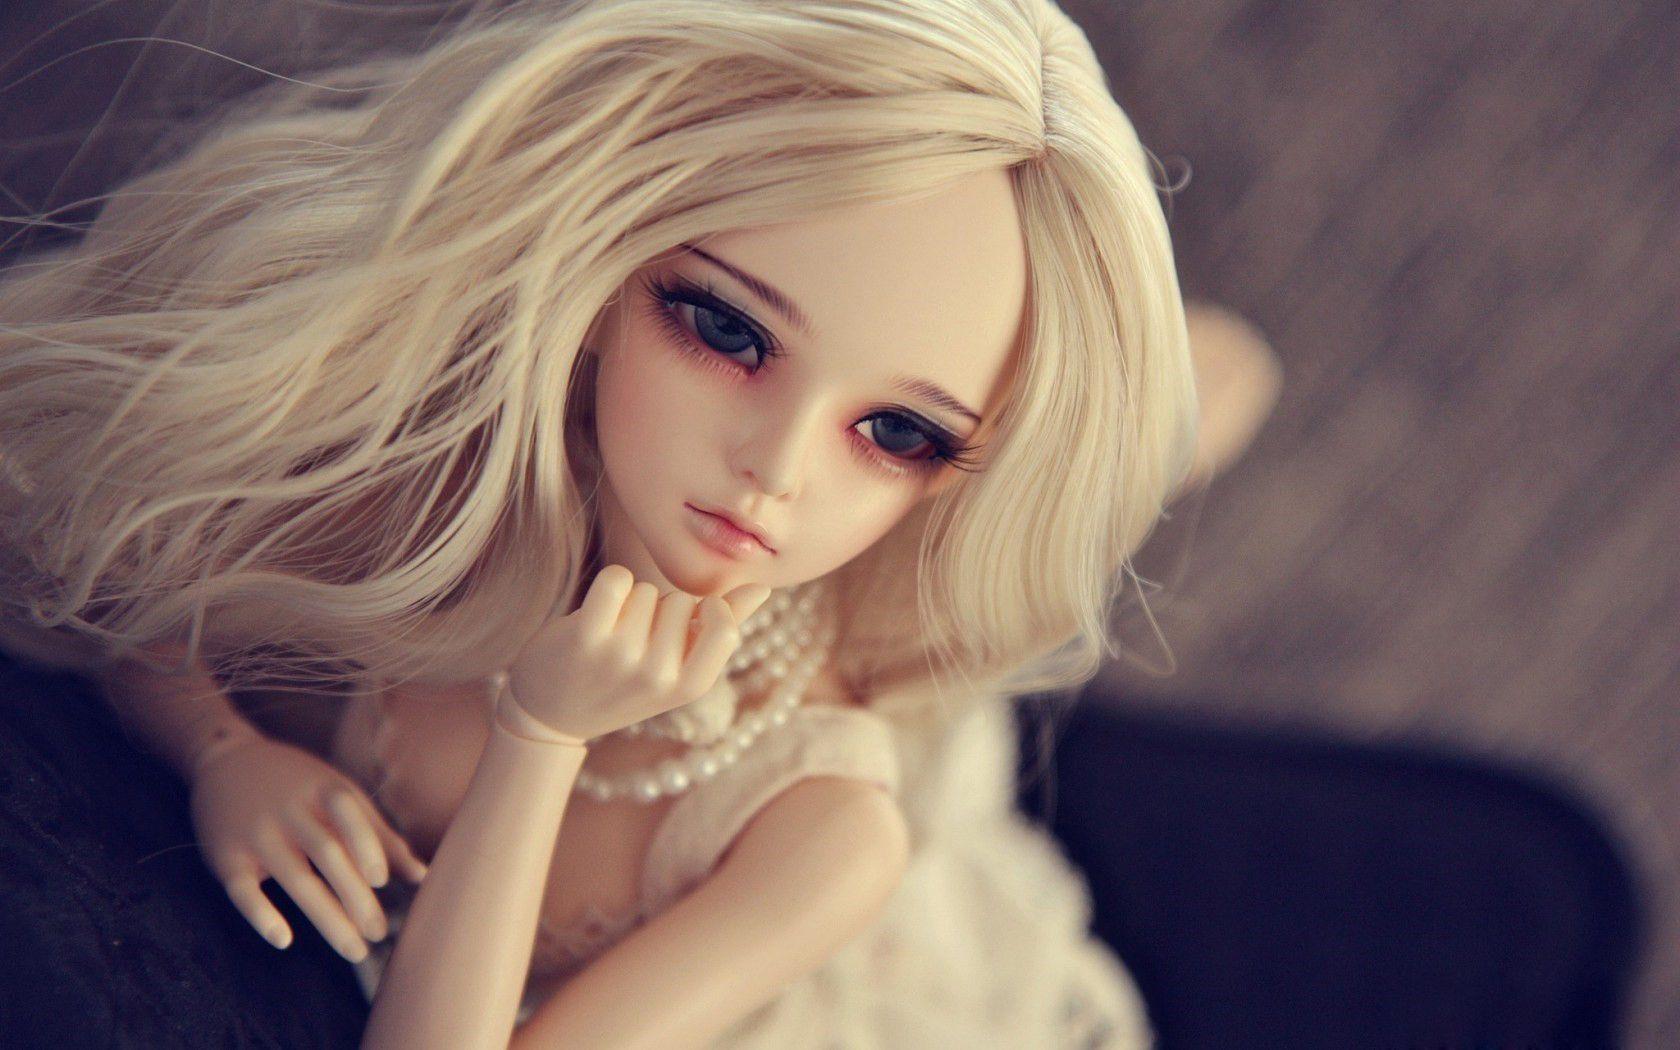 Free download cute sweet barbie dollss hd image gallery rocks free download cute sweet barbie dollss hd image gallery rocks voltagebd Gallery